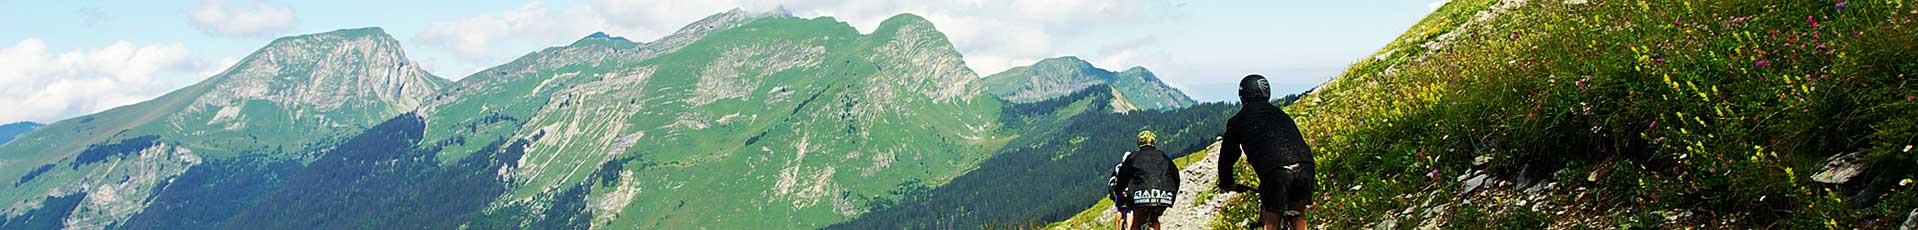 Accompagnateurs VTT en Vallée d'Aulps